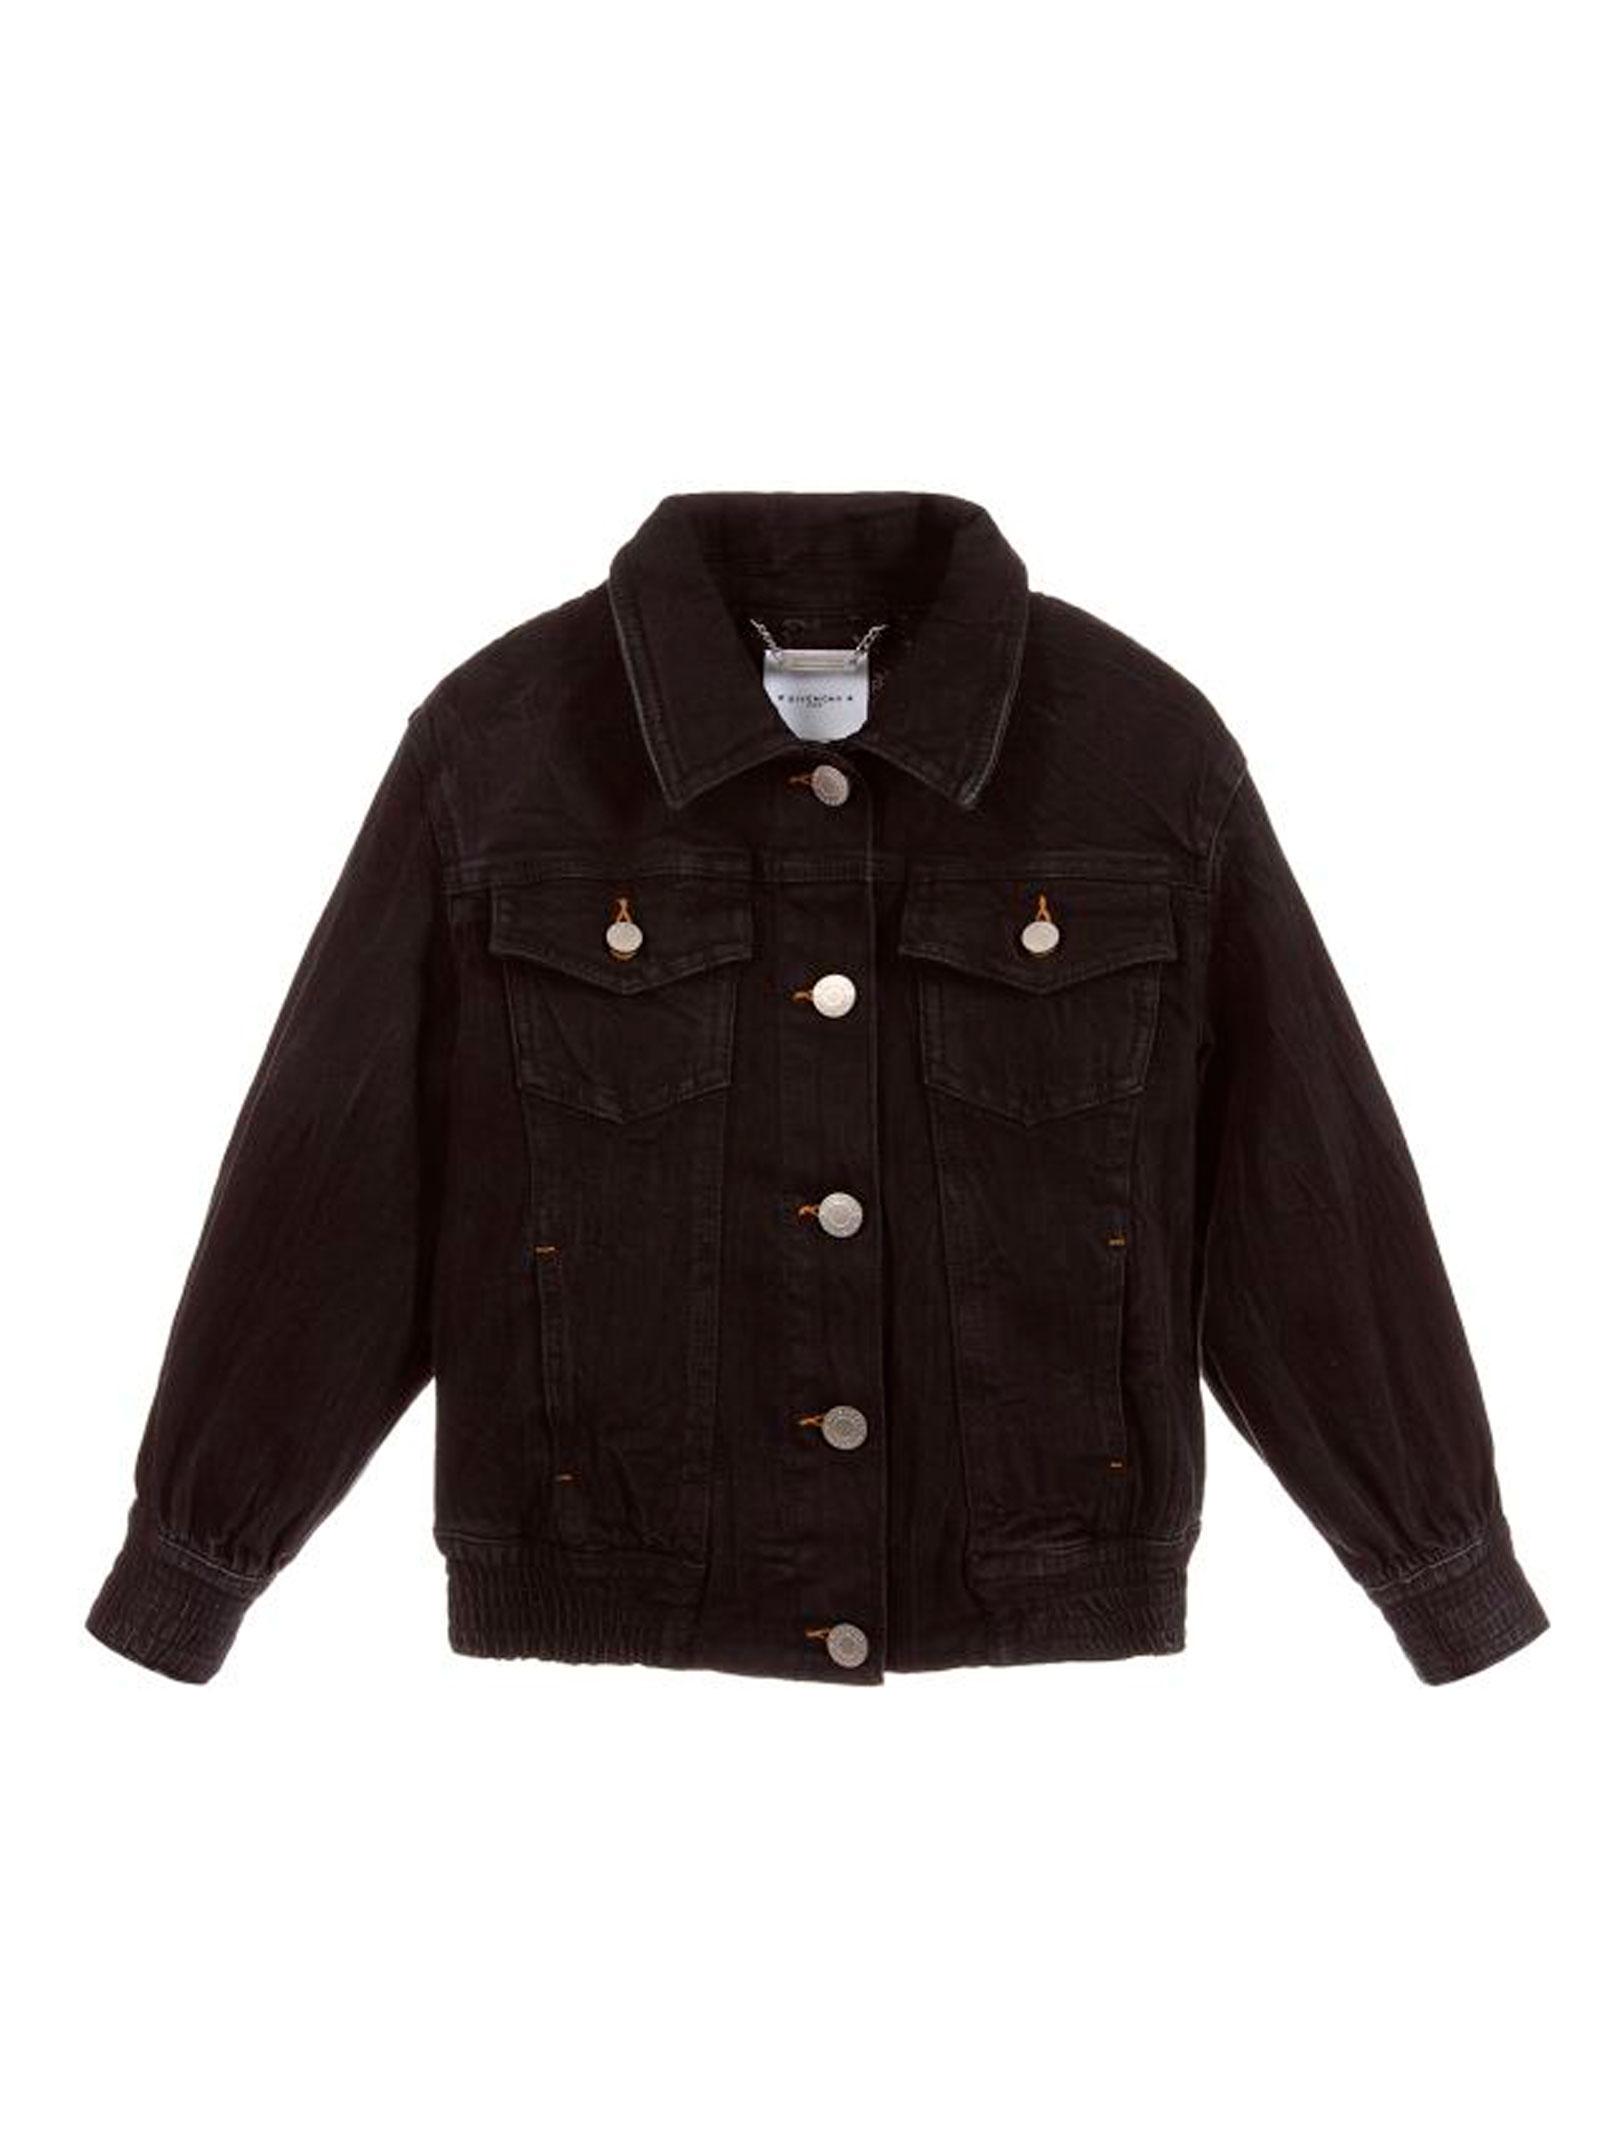 5cff3ef215 ... JACKET IN BLACK DENIM GIVENCHY KIDS Givenchy Kids | 13 | H16039Z11 ...